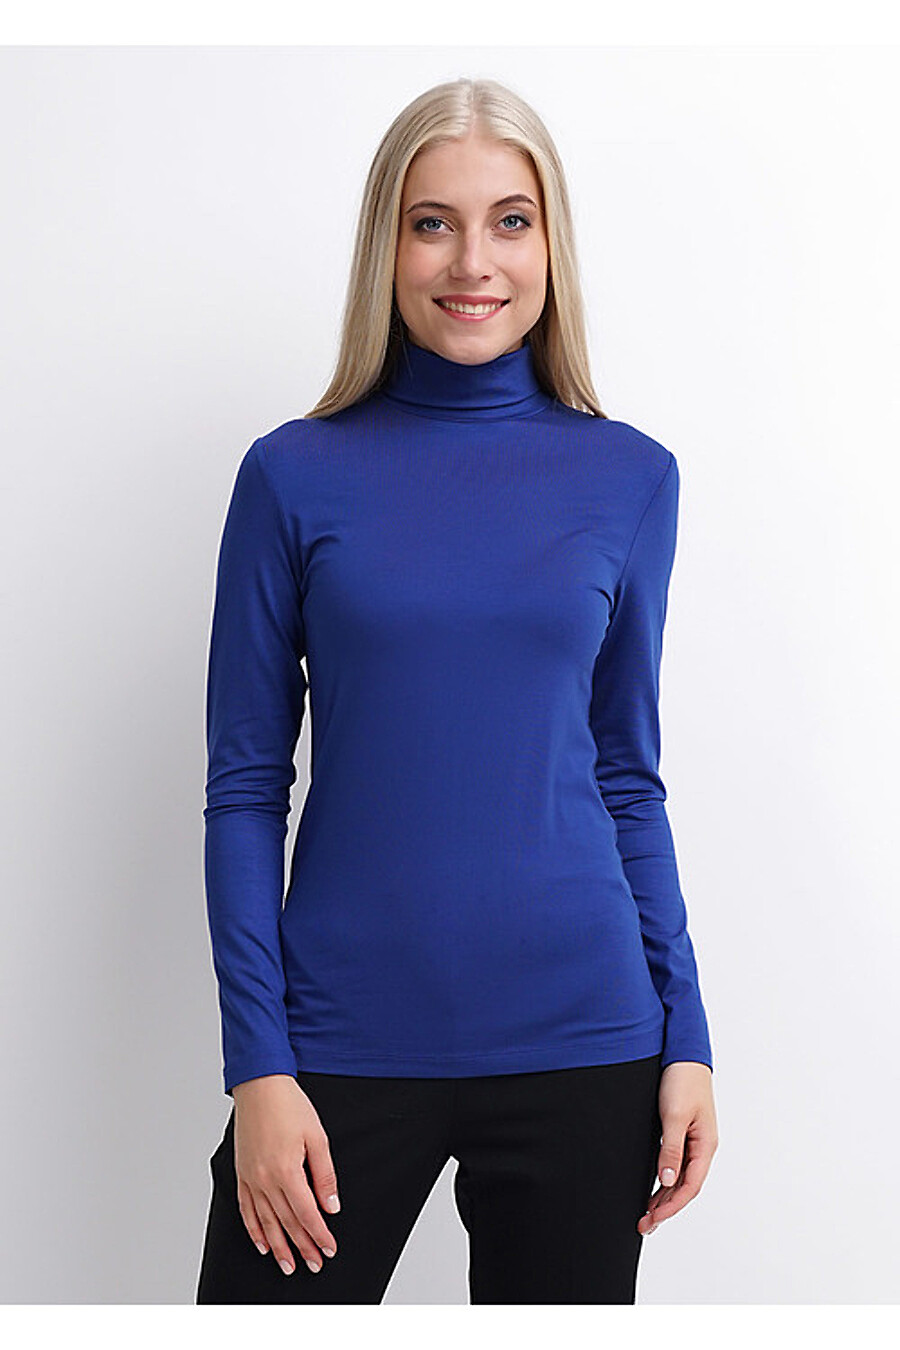 Водолазка для женщин CLEVER 155496 купить оптом от производителя. Совместная покупка женской одежды в OptMoyo